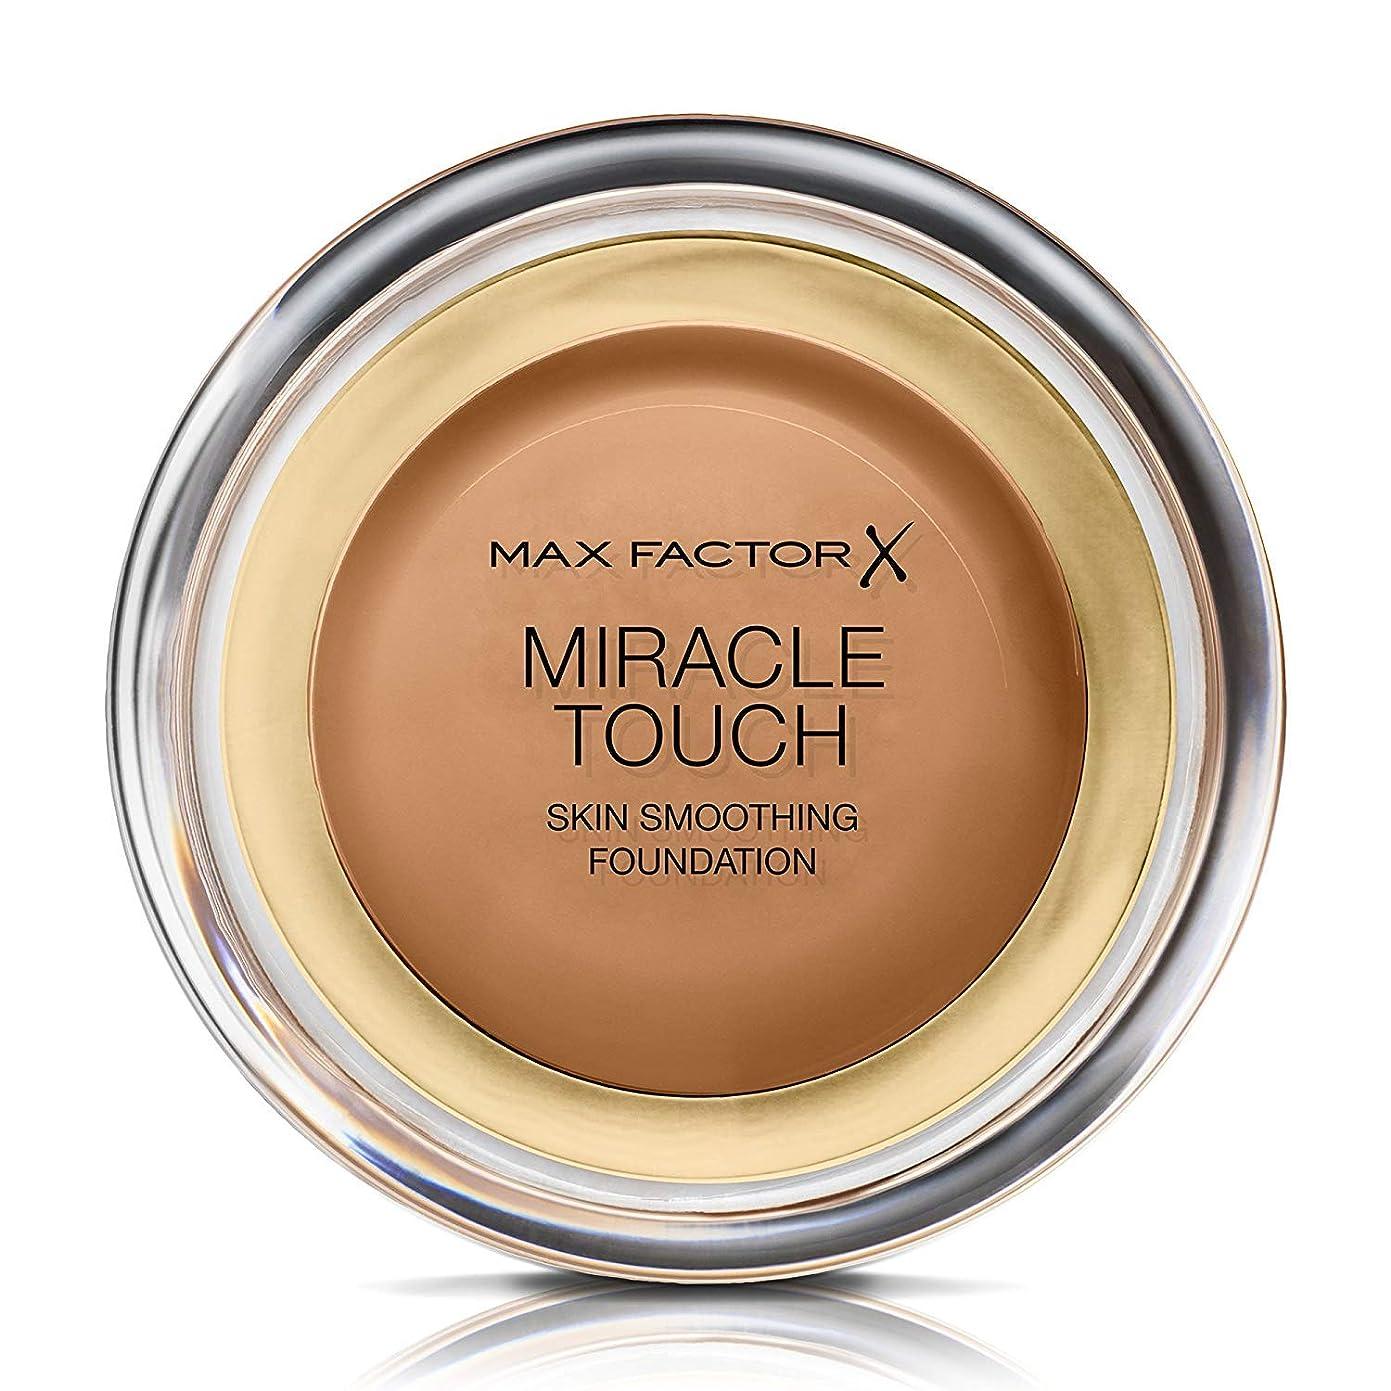 赤字ハリケーン外交マックス ファクター ミラクル タッチ スキン スムーズ ファウンデーション - カラメル Max Factor Miracle Touch Skin Smoothing Foundation - Caramel 085 [並行輸入品]